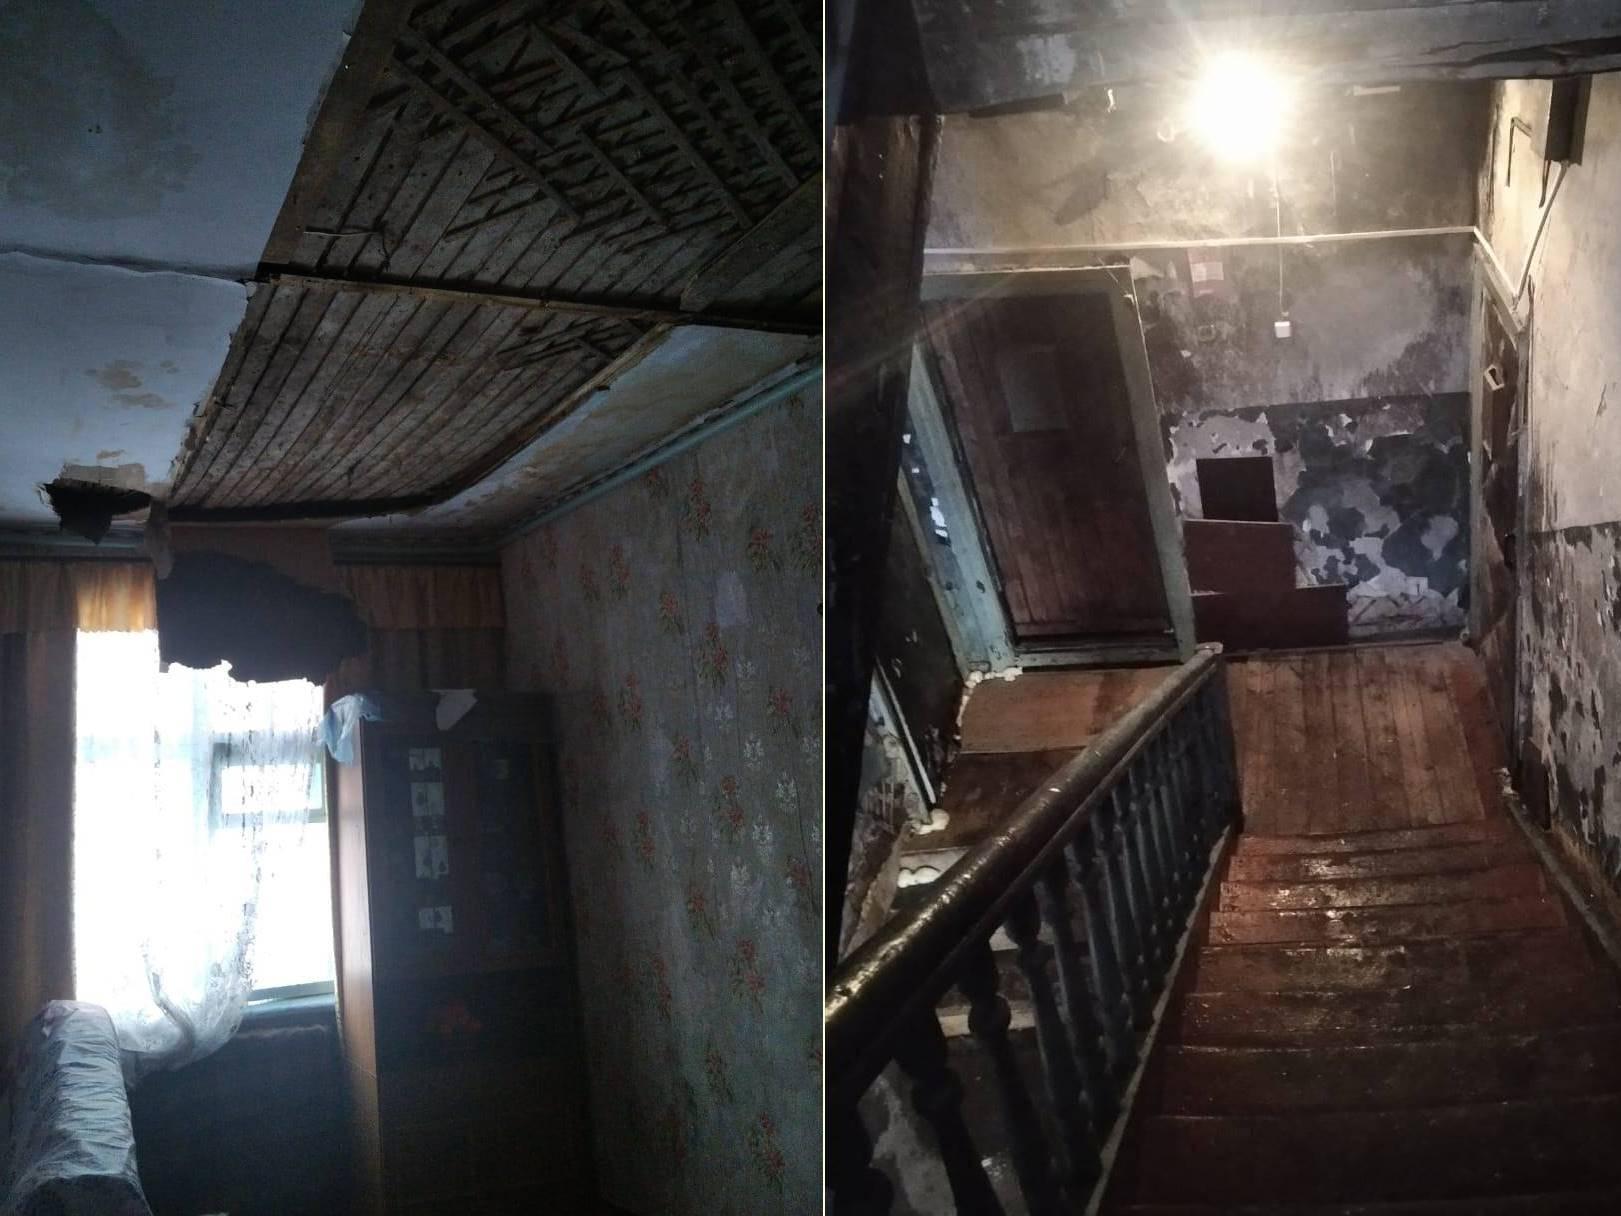 Фото «Адские трущобы 21 века»: десять жутких фото из затопленного кипятком аварийного дома в Новосибирске 5